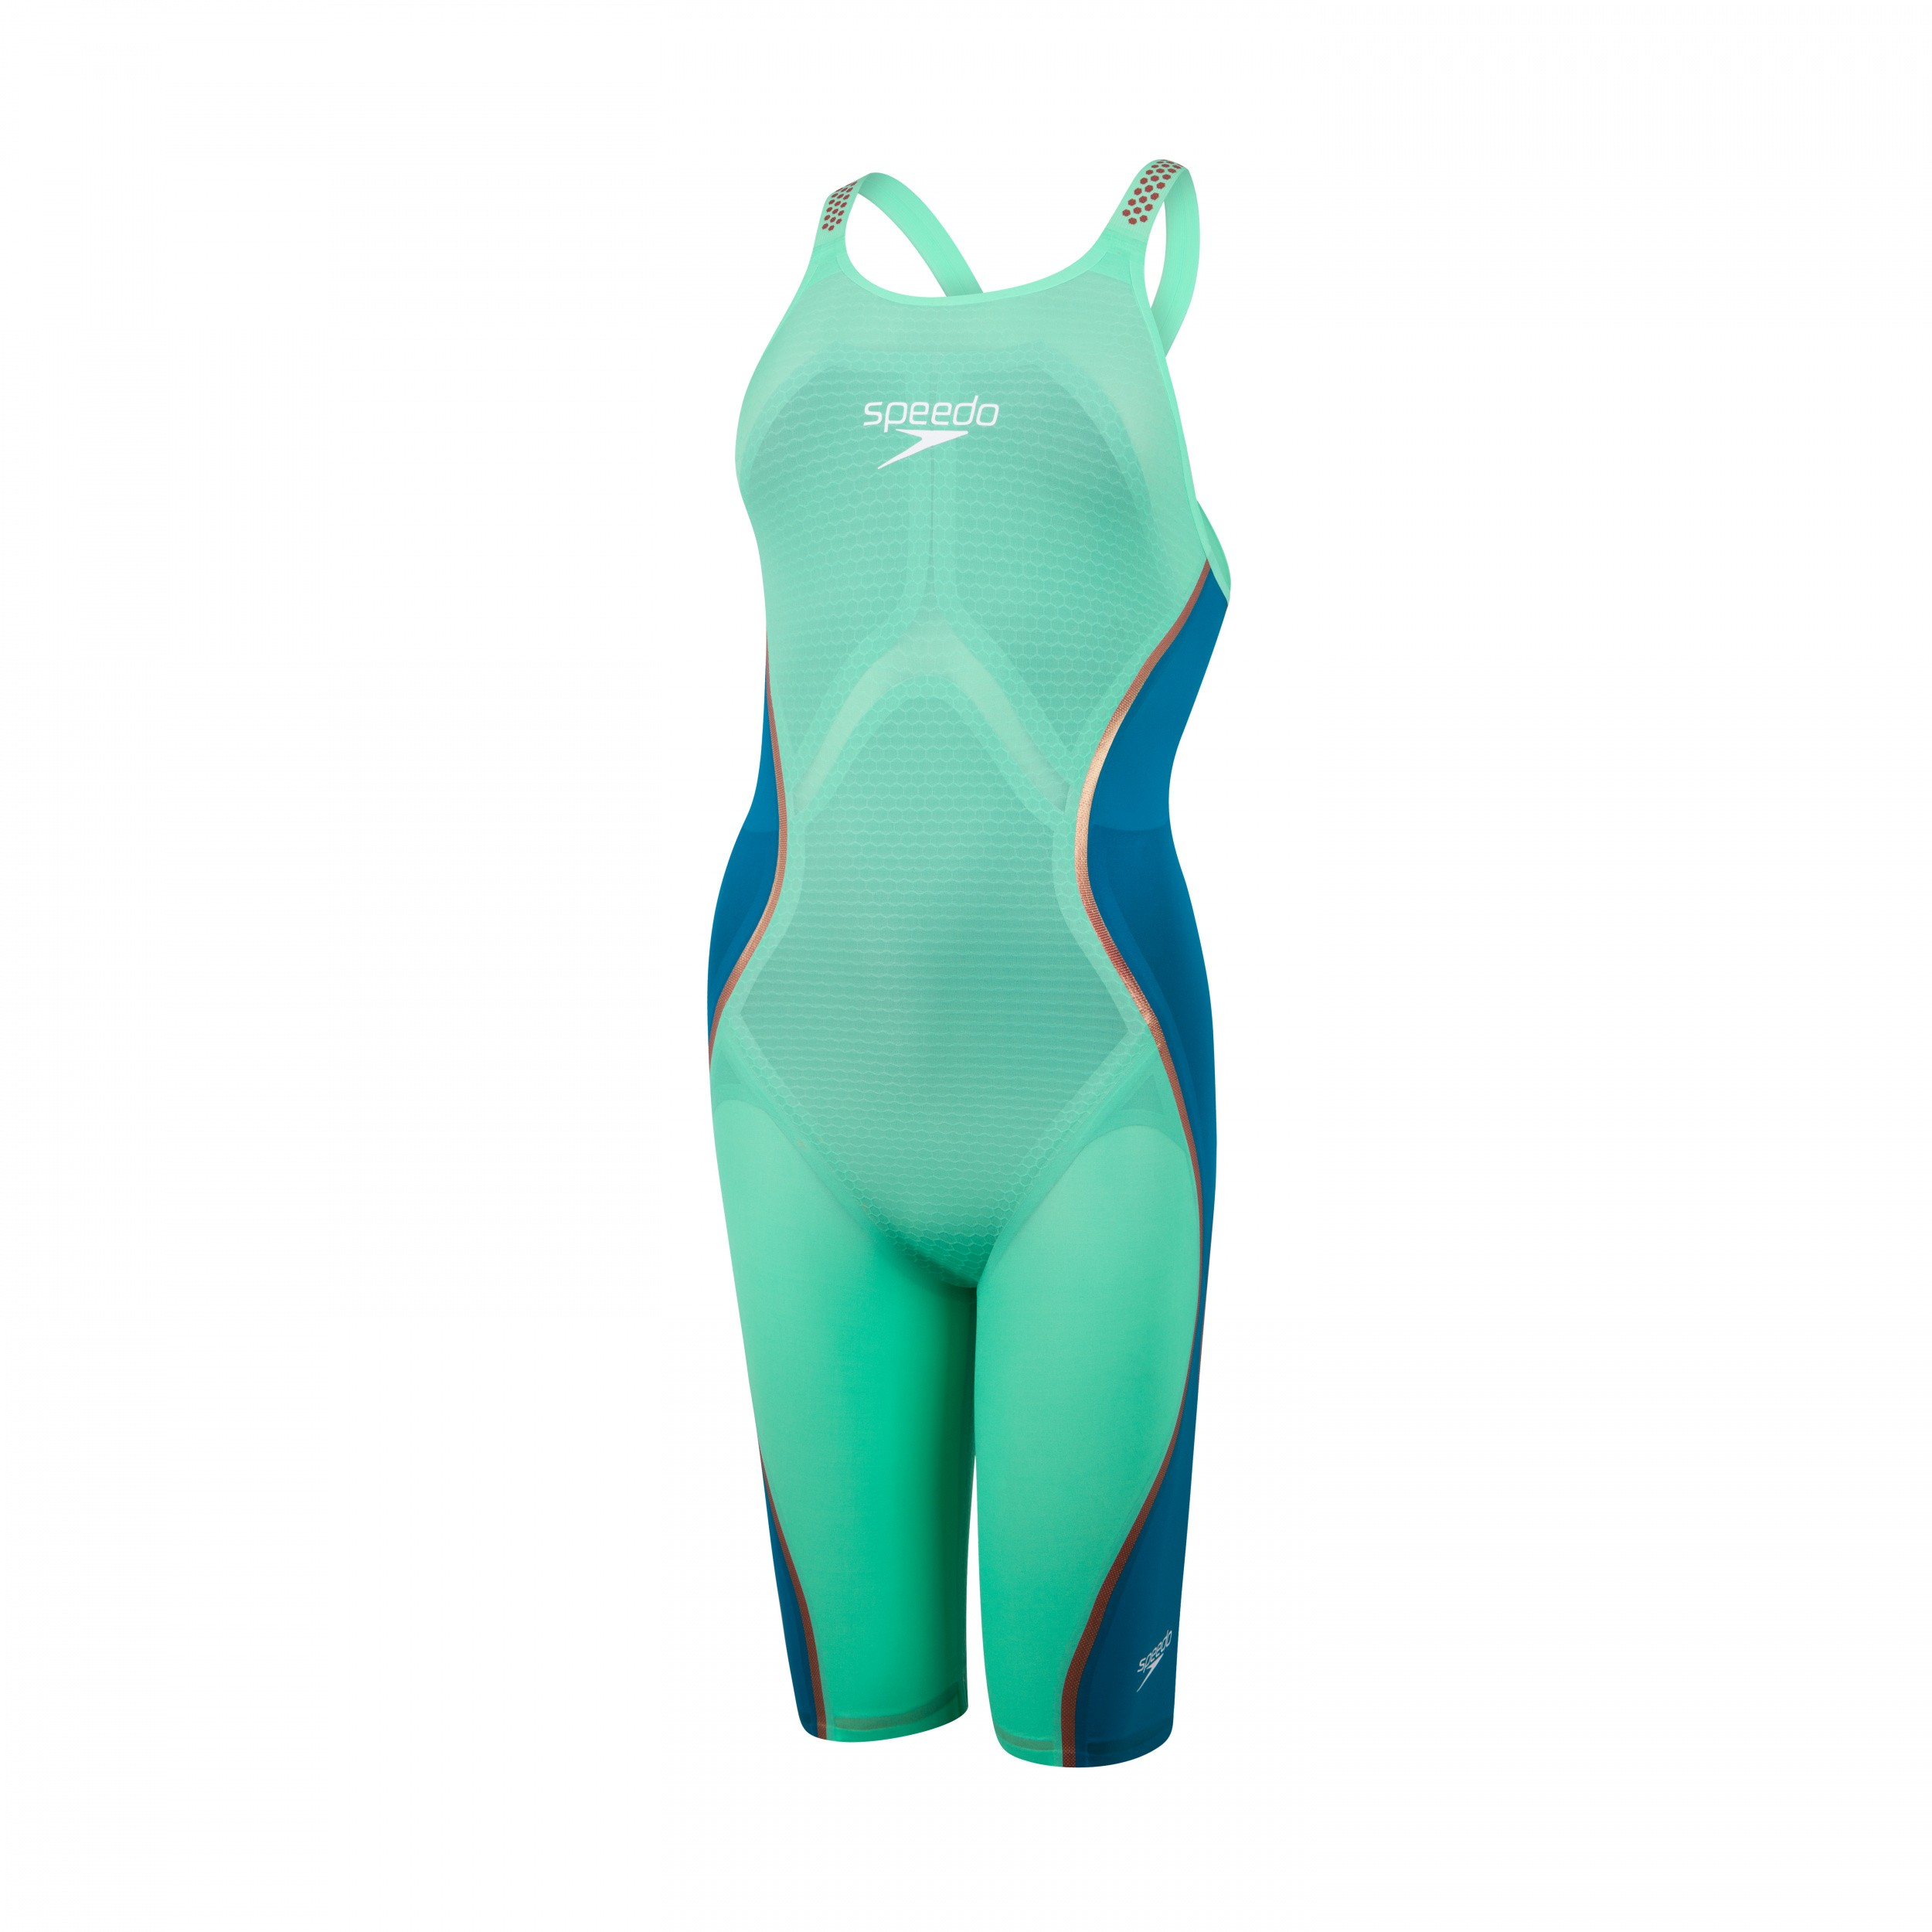 Speedo wedstrijdbadpak LZR Pure Intent OB green/blue